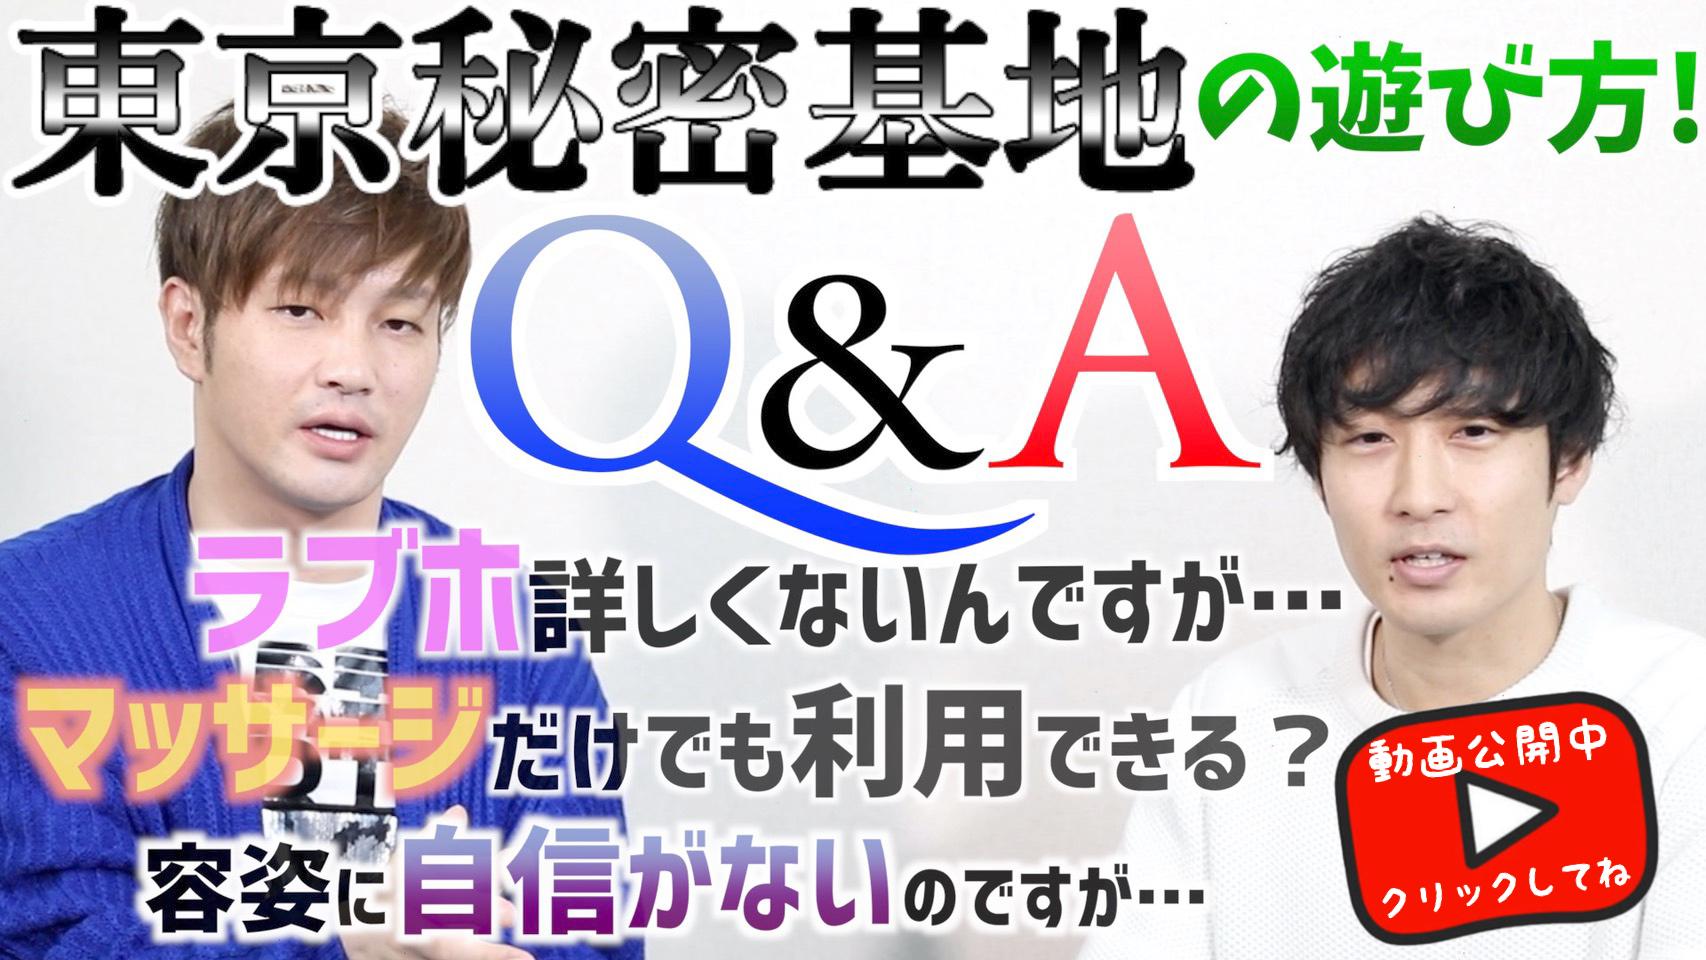 Q&A動画4